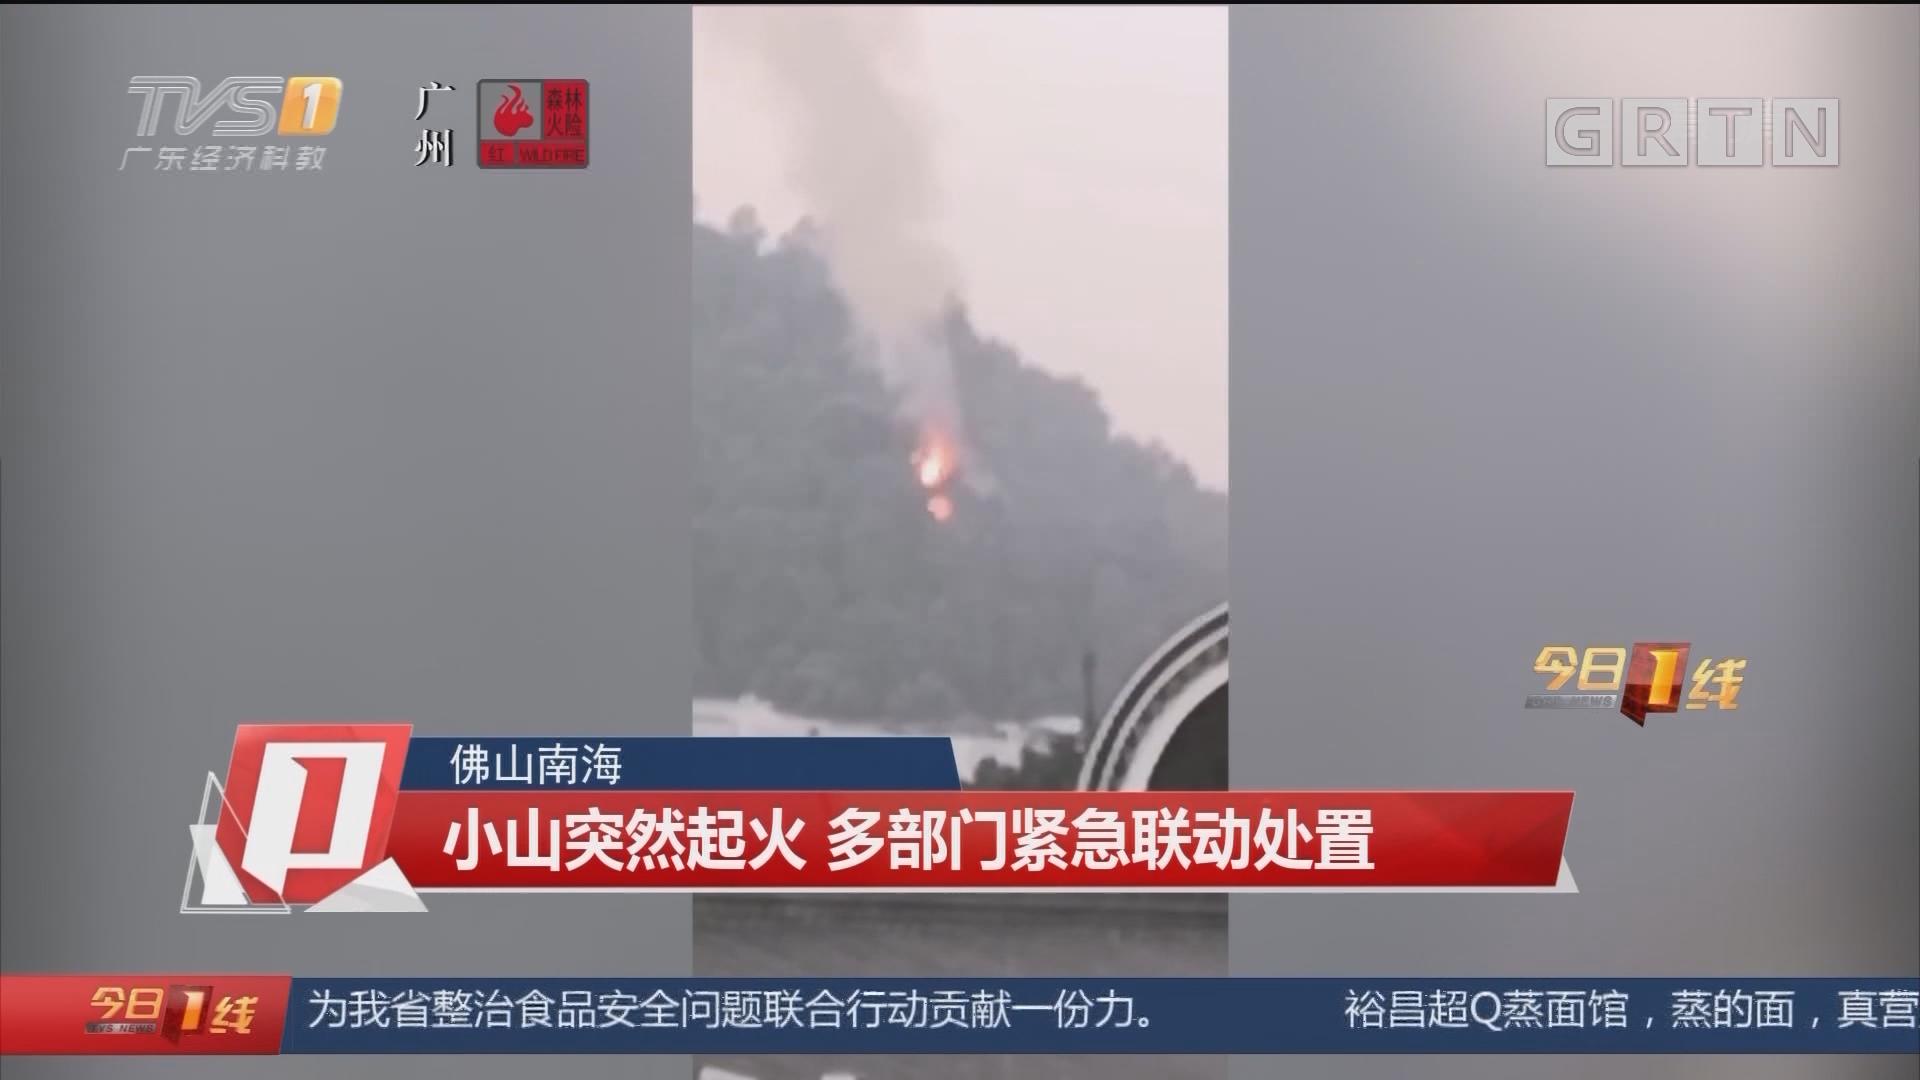 佛山南海:小山突然起火 多部门紧急联动处置